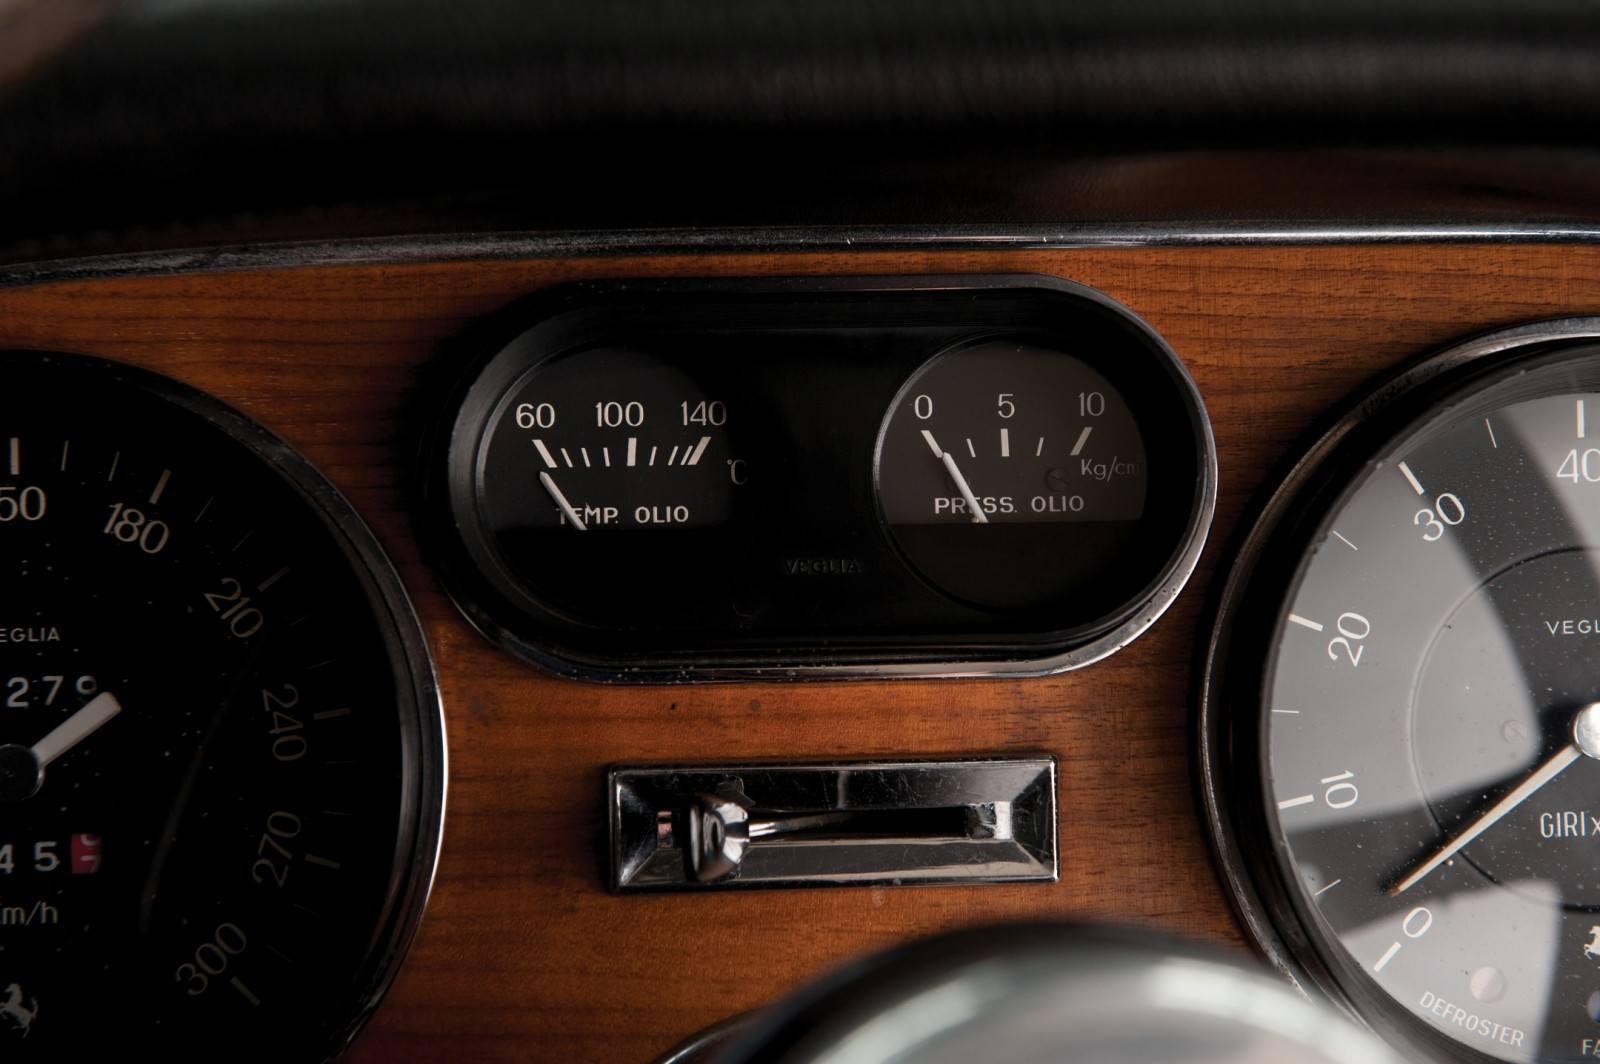 RM Monaco 2014 Highlights - 1966 Ferrari GTB-C 16